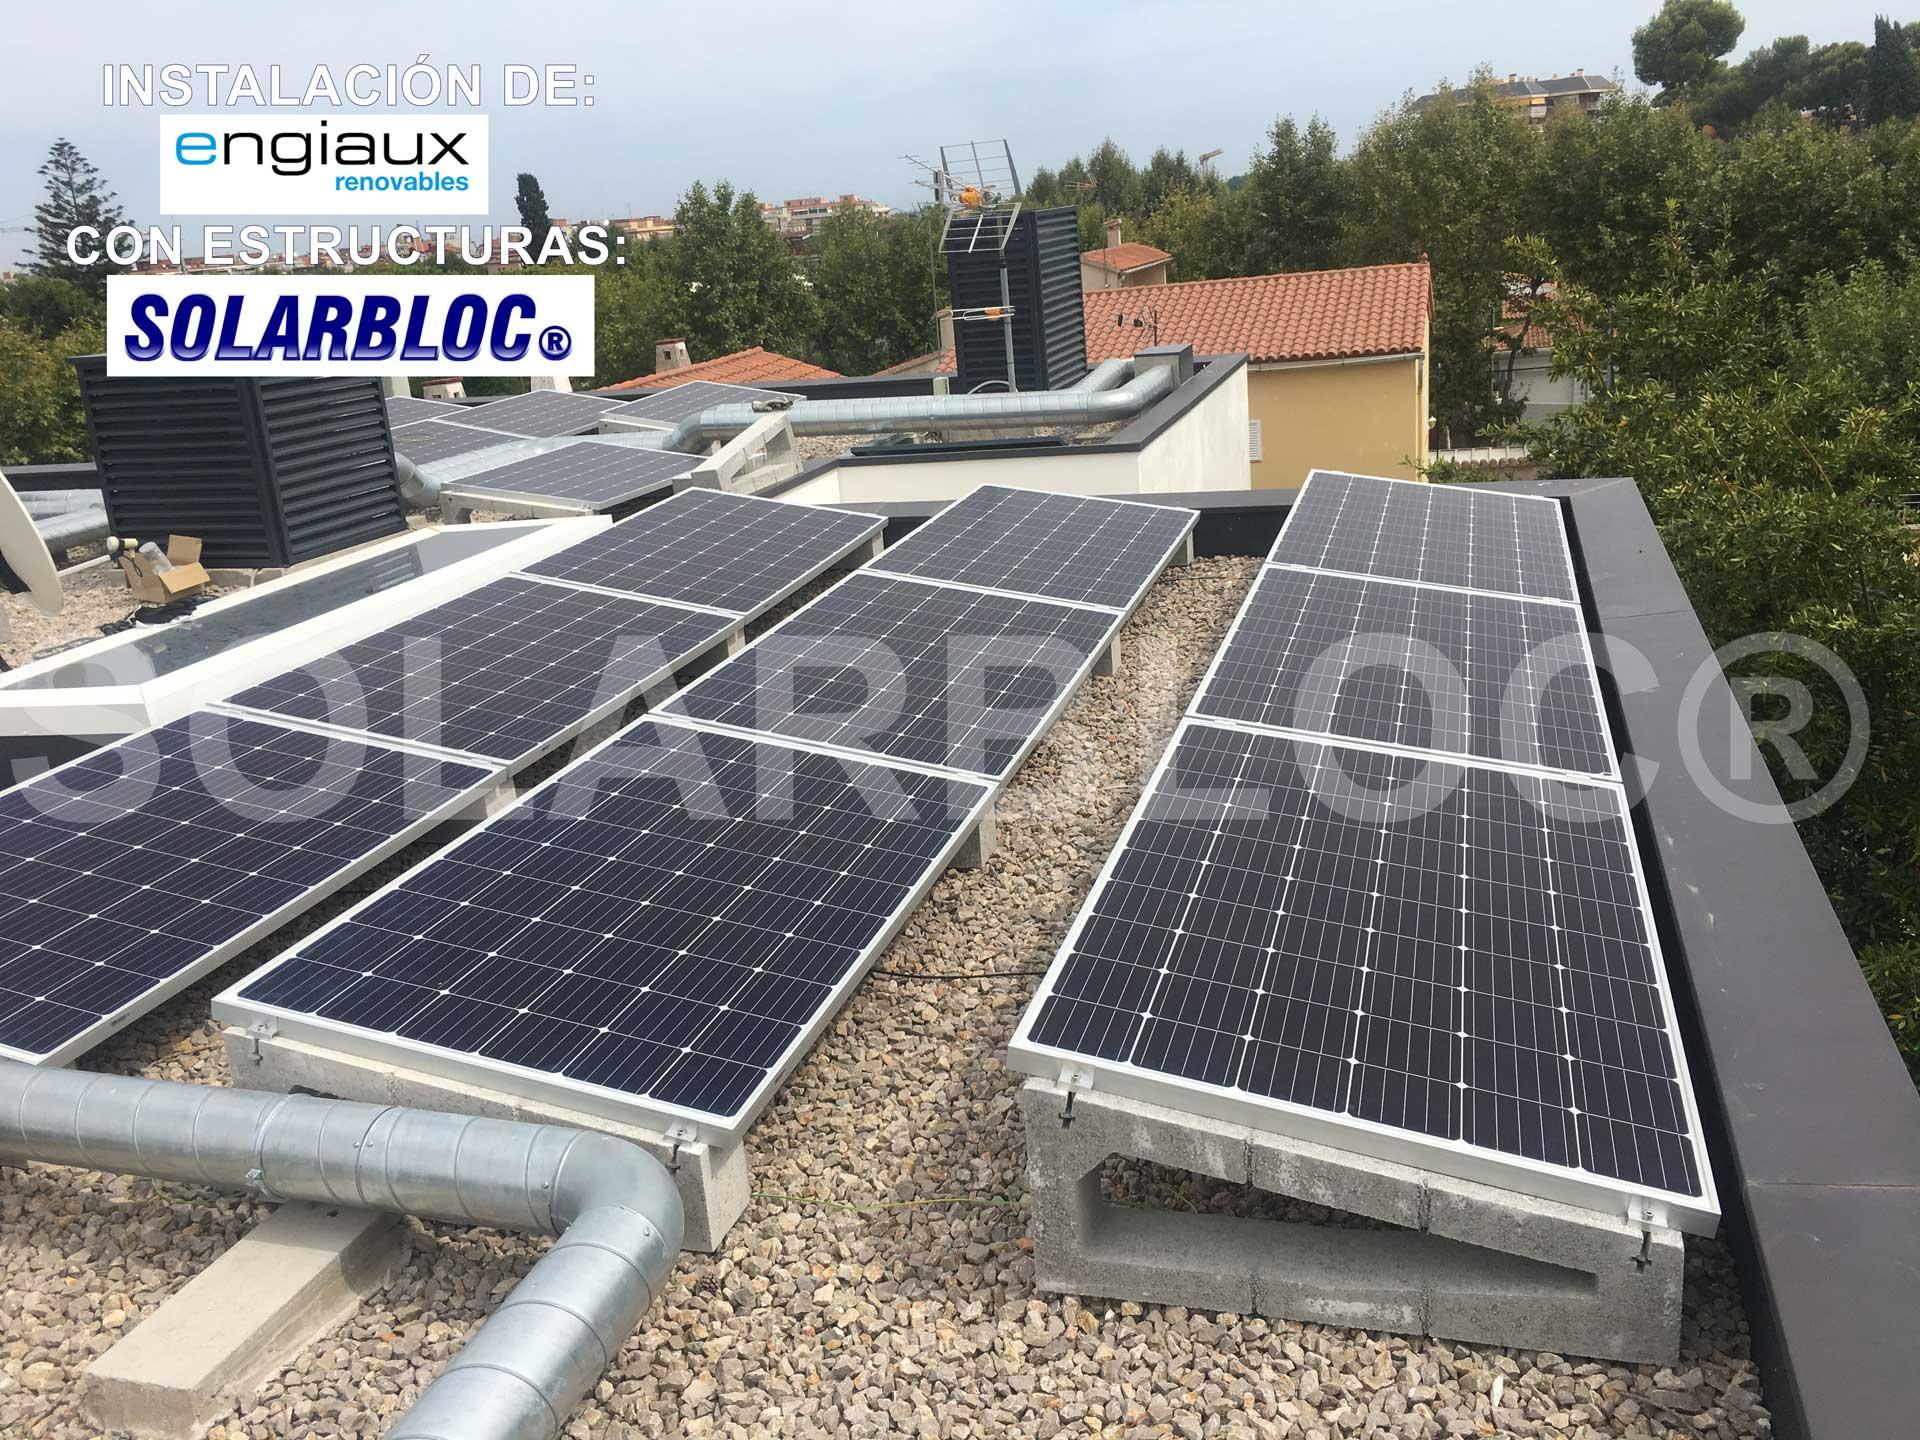 Soporte placas solares tejado SOLARBLOC Engiaux